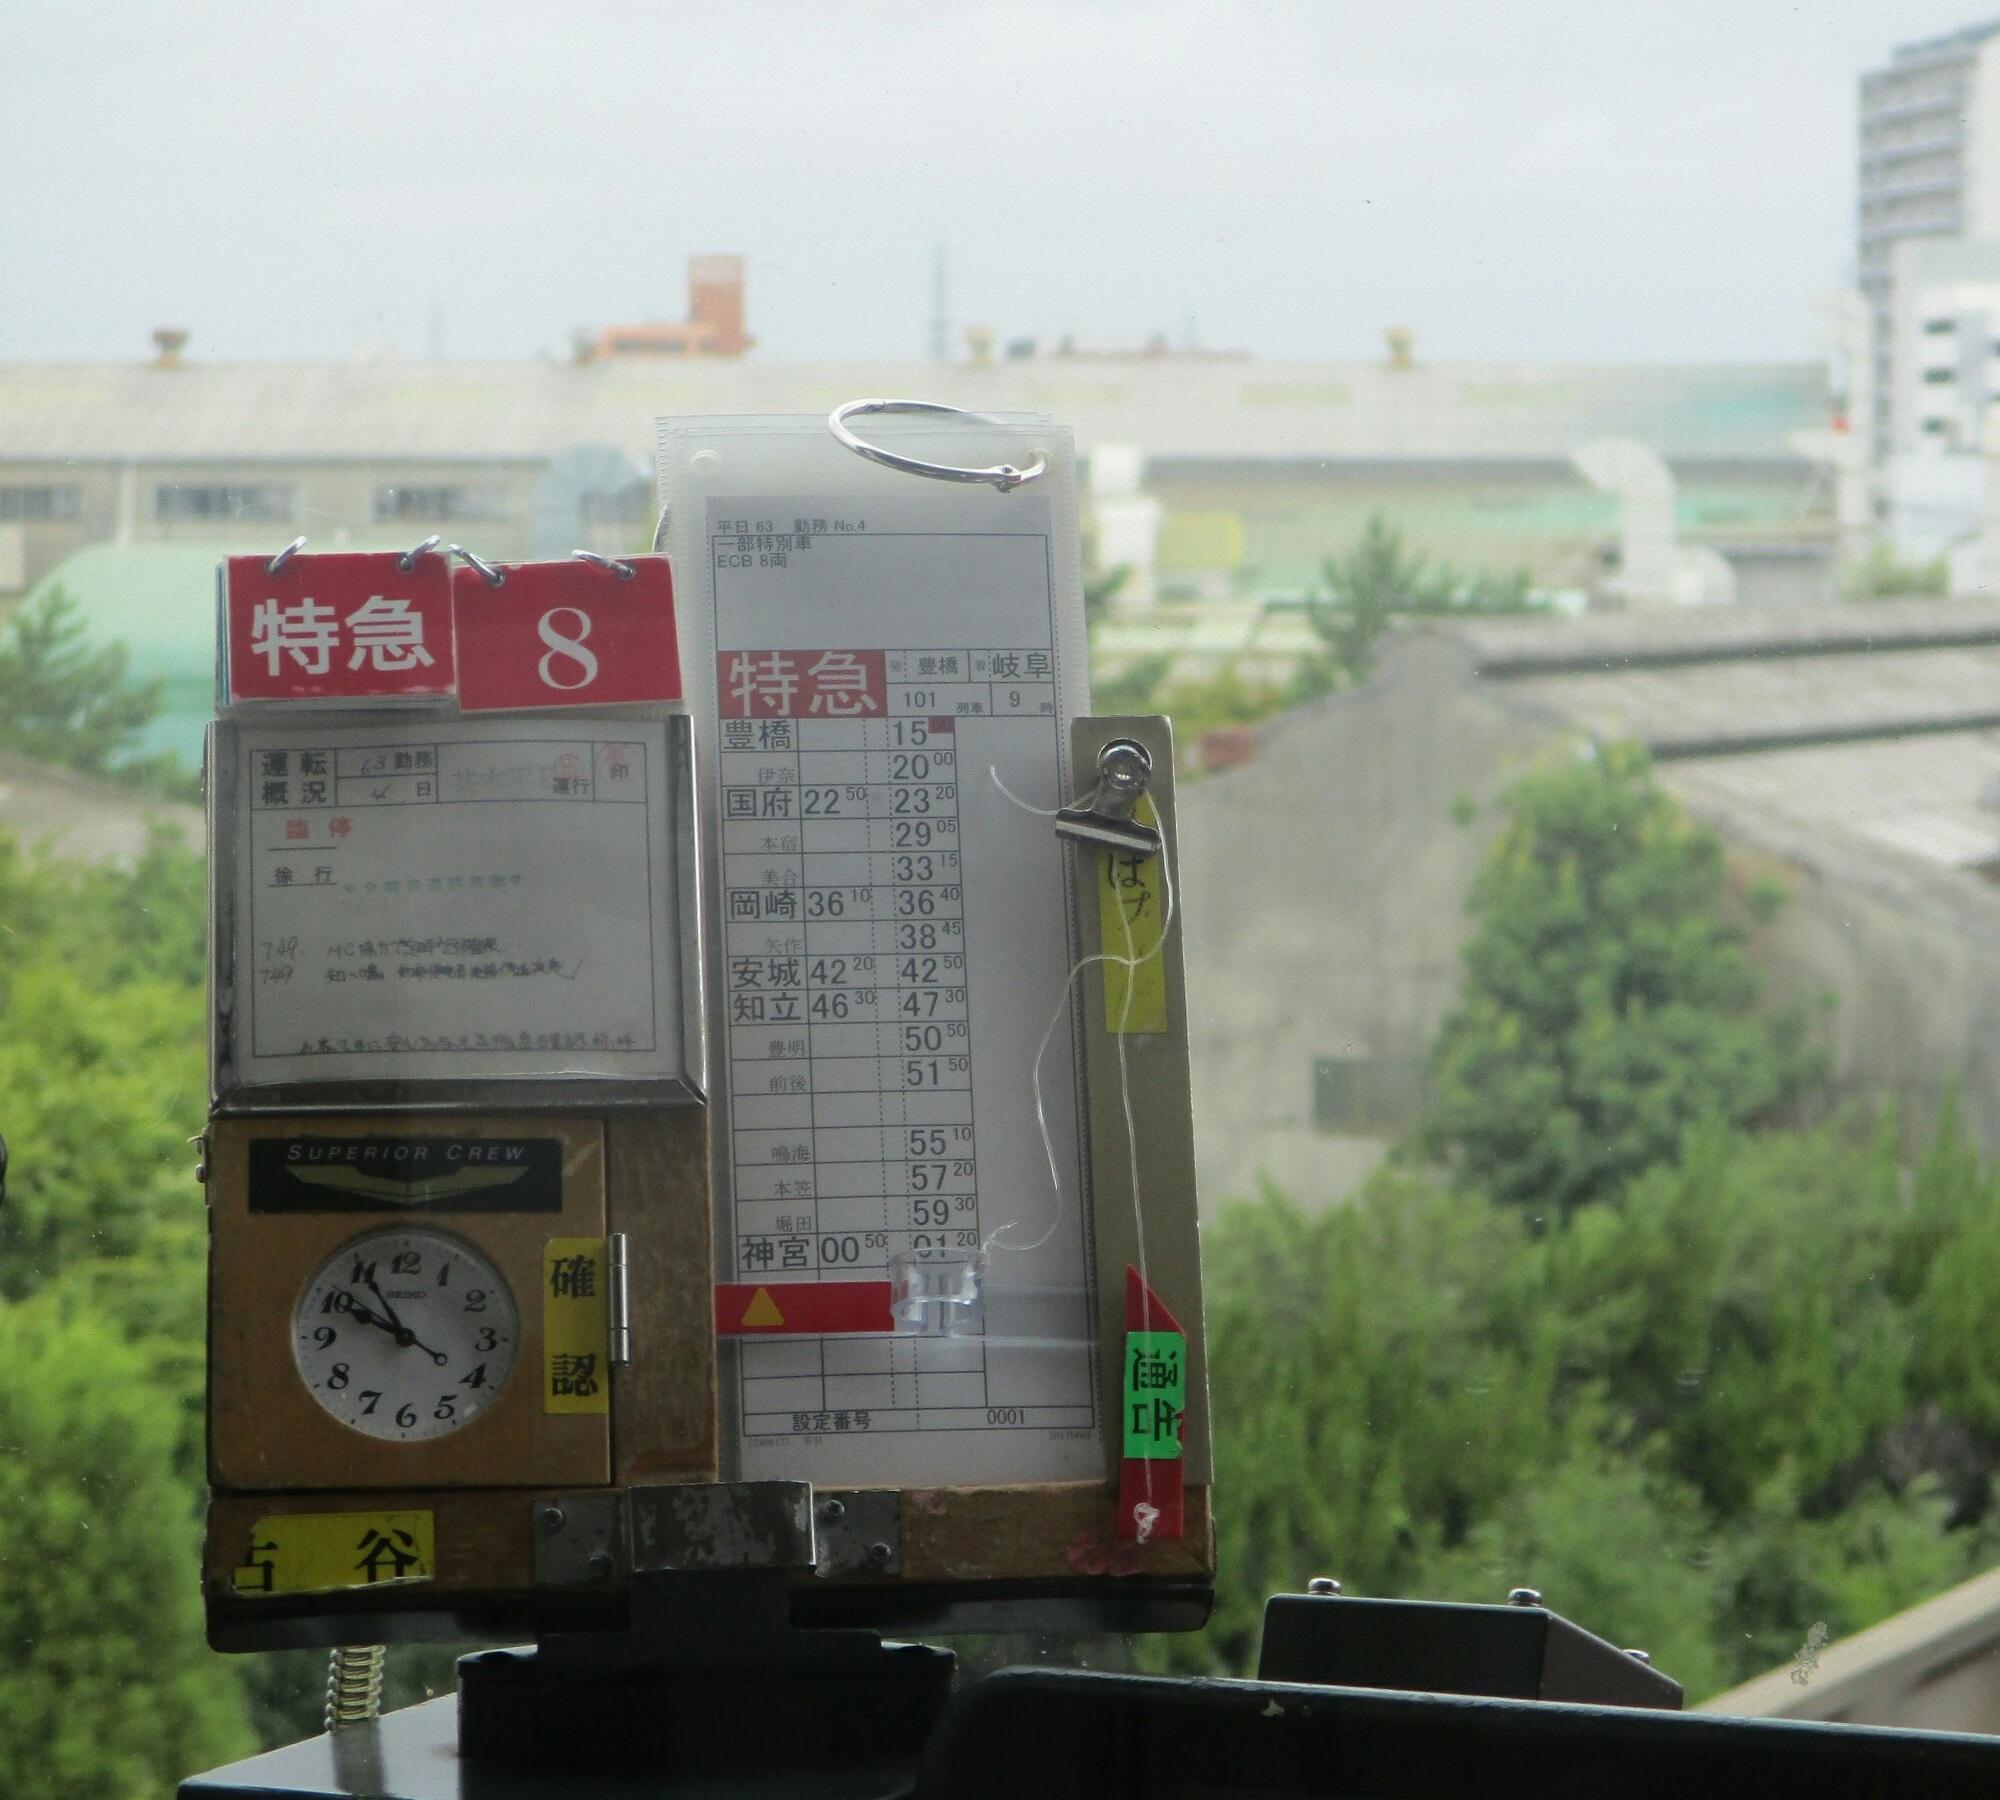 2018.9.4 (35) 豊橋いき特急 - 鳴海のへん(運行時刻表) 2000-1800